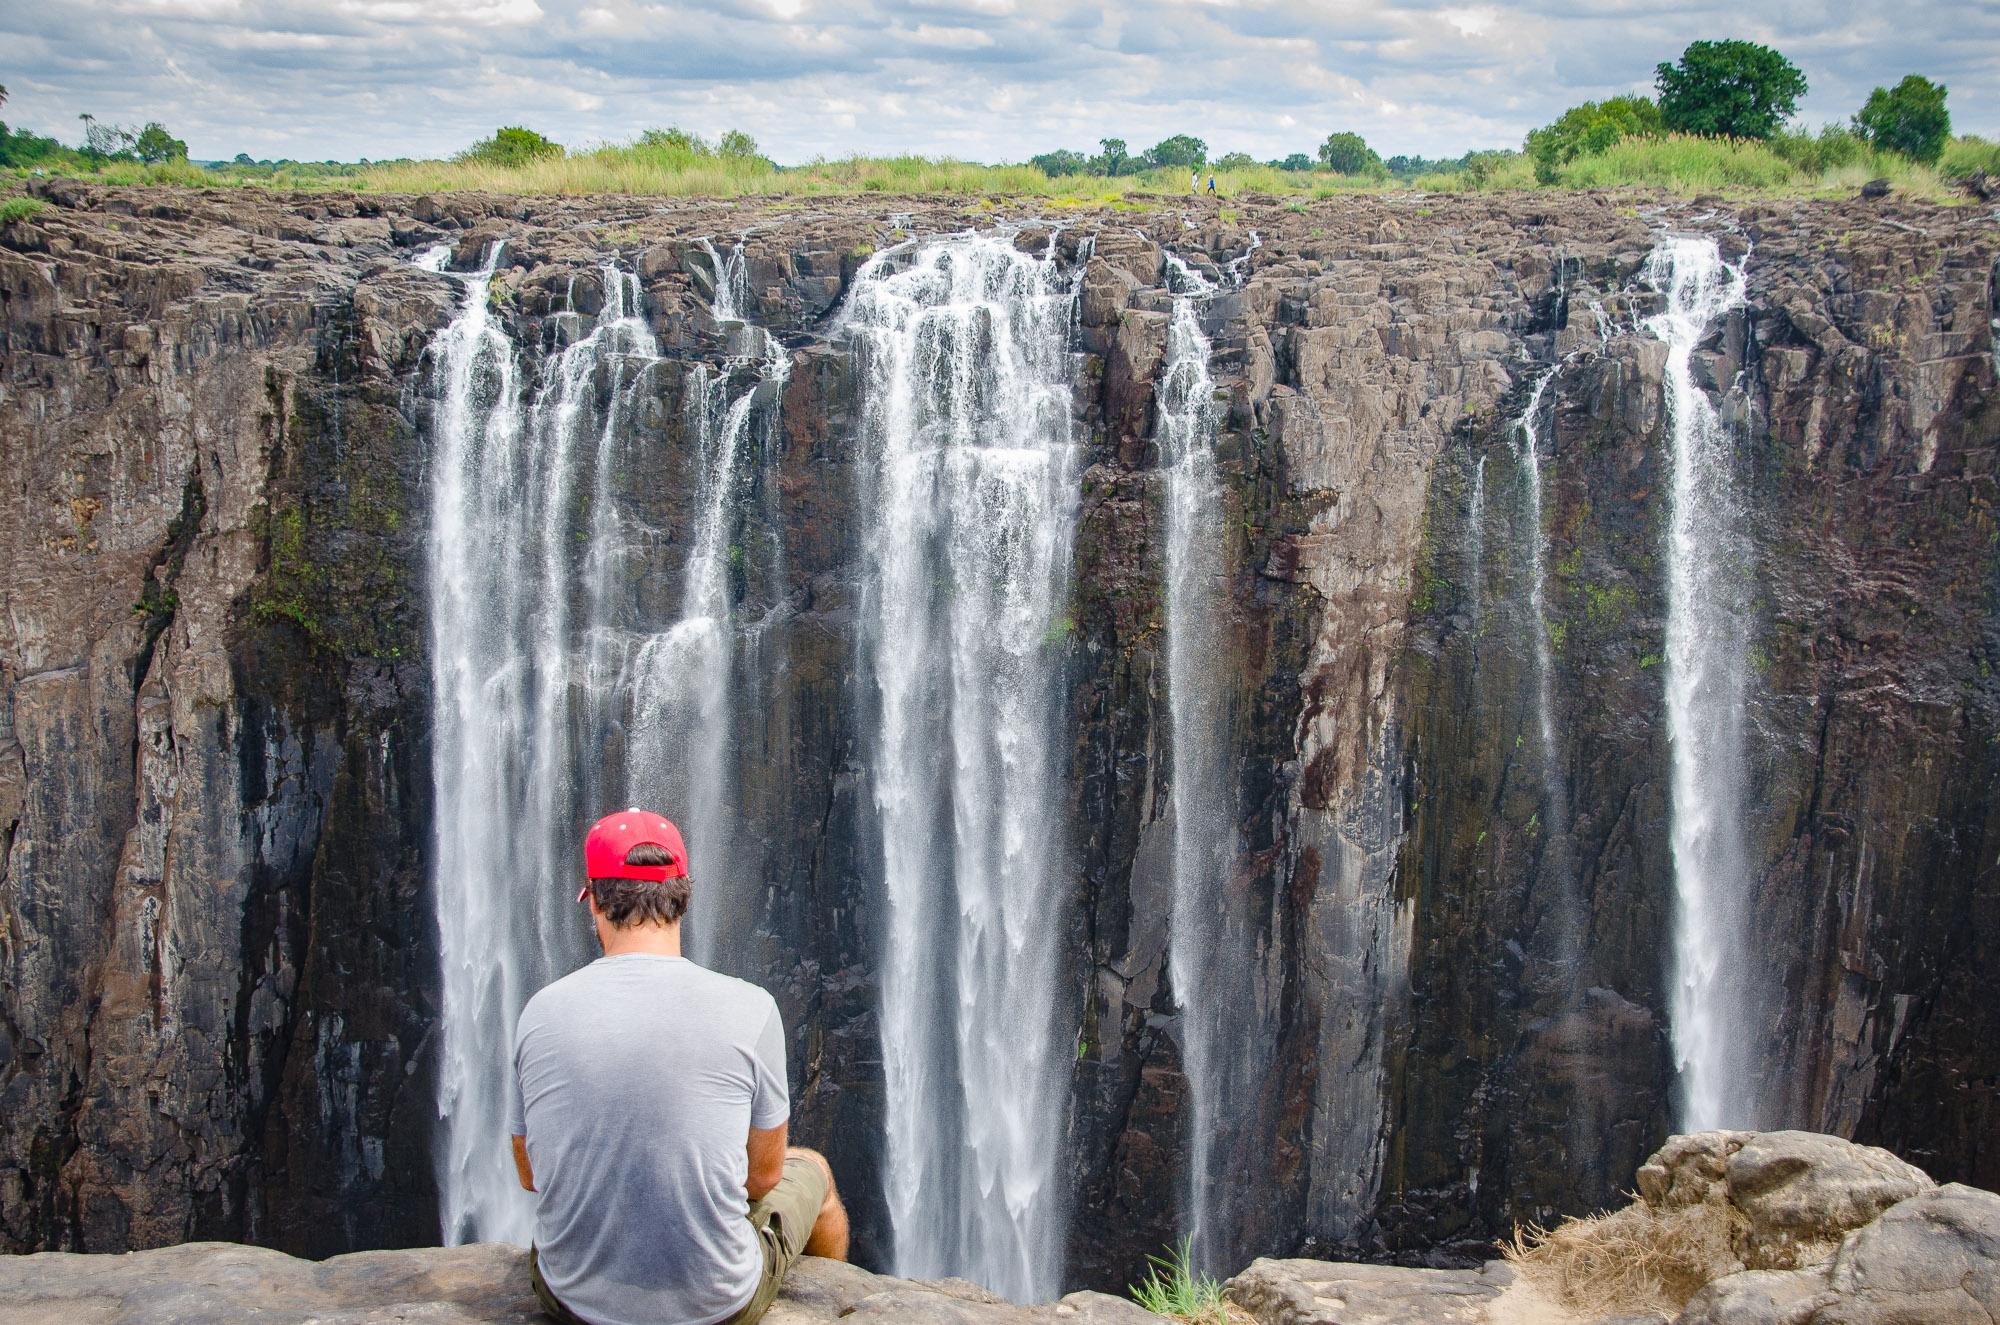 pieds dans le vide - les chutes victoria - Zimbabwe, les chutes Victoria et plus encore! - afrique, zimbabwe